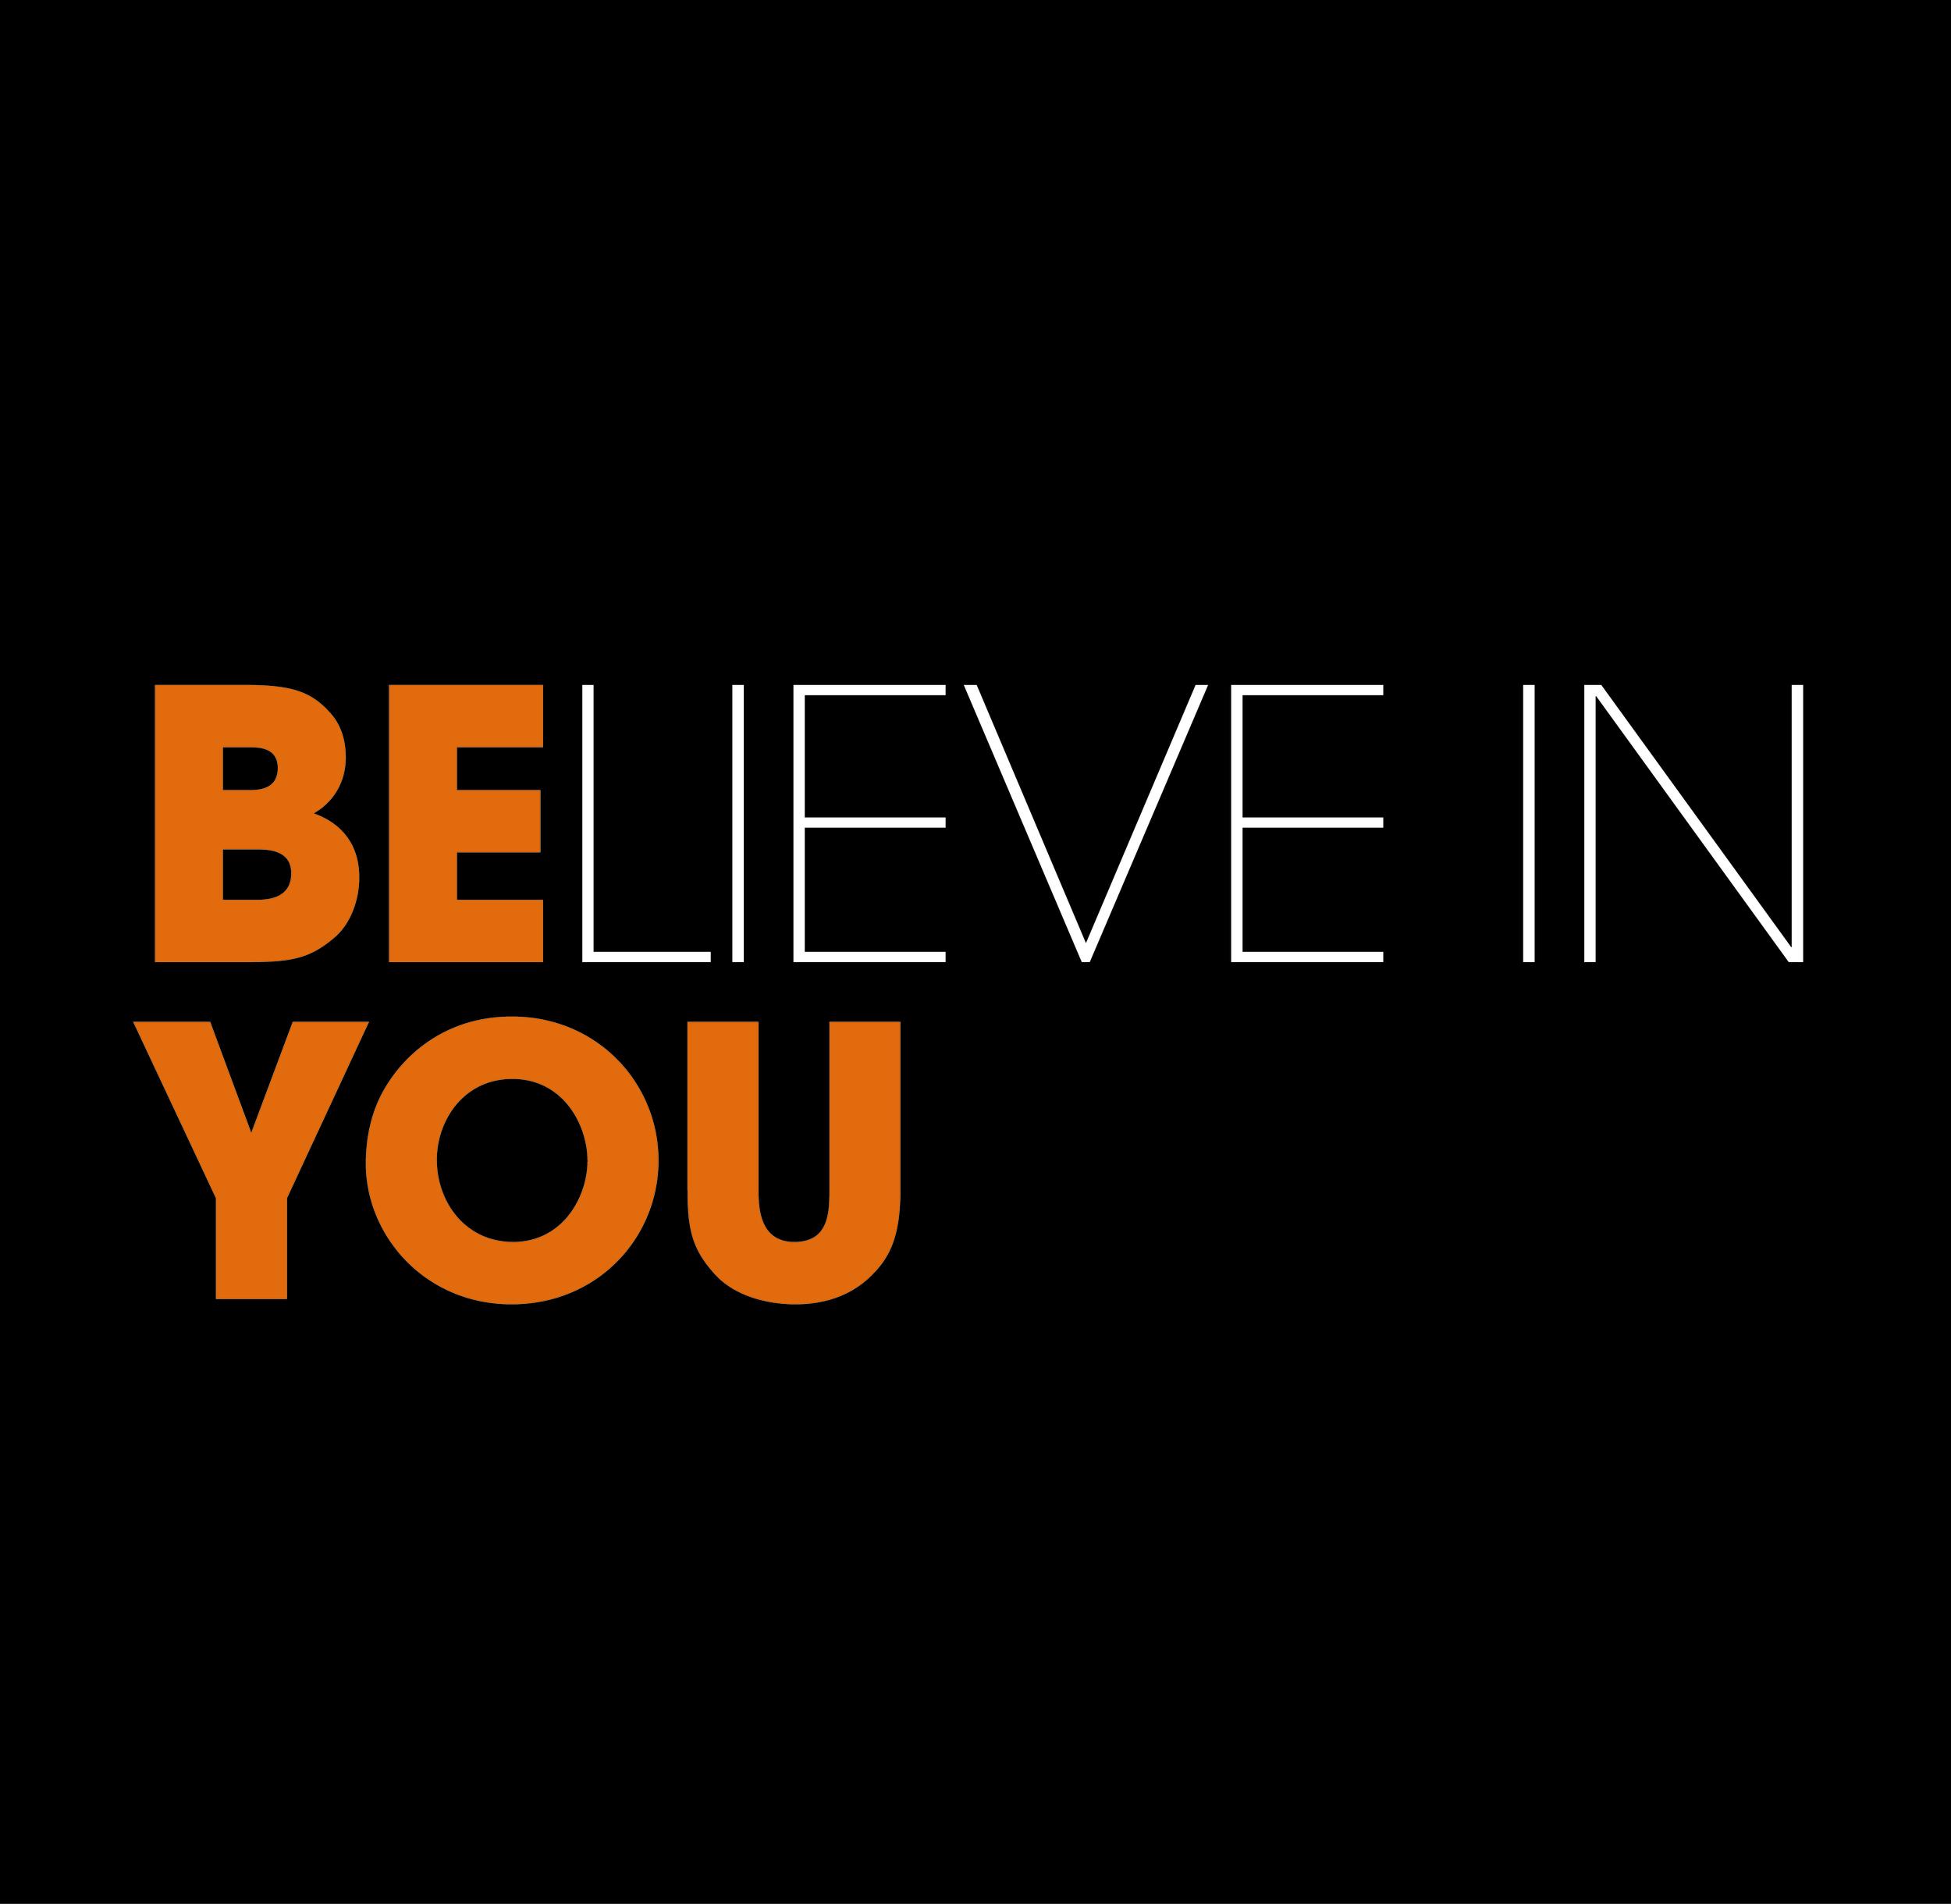 BELIEVE IN YOU.jpg